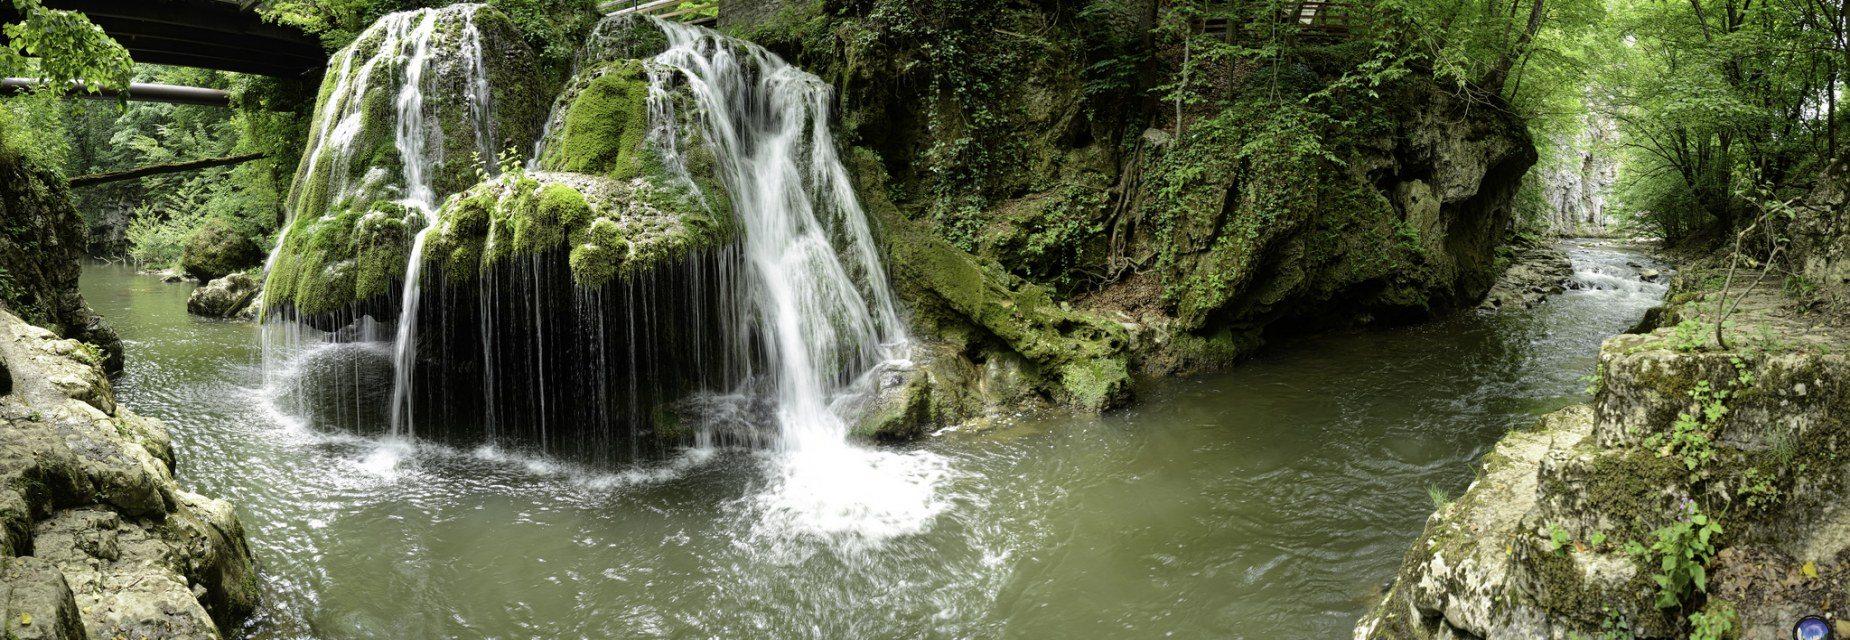 Amazing Bigar Waterfall